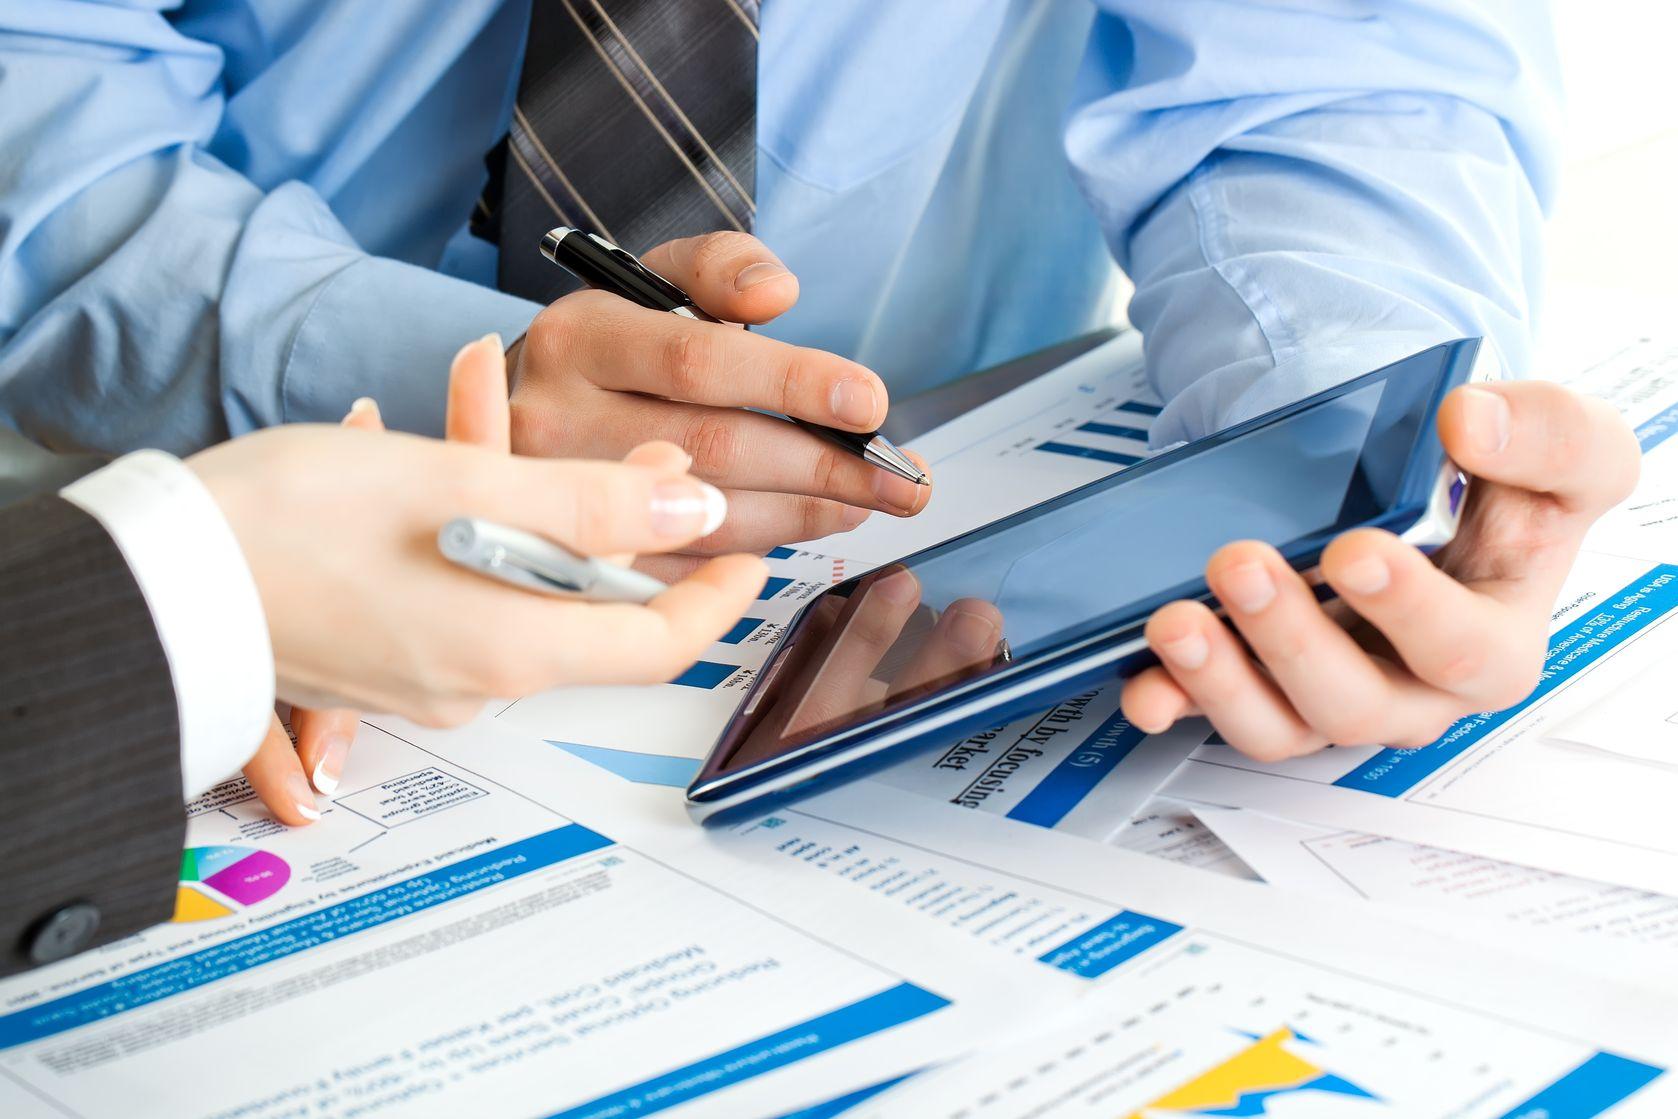 Najważniejsze funkcje systemu do zarządzania projektami - blog o zarządzaniu projektami